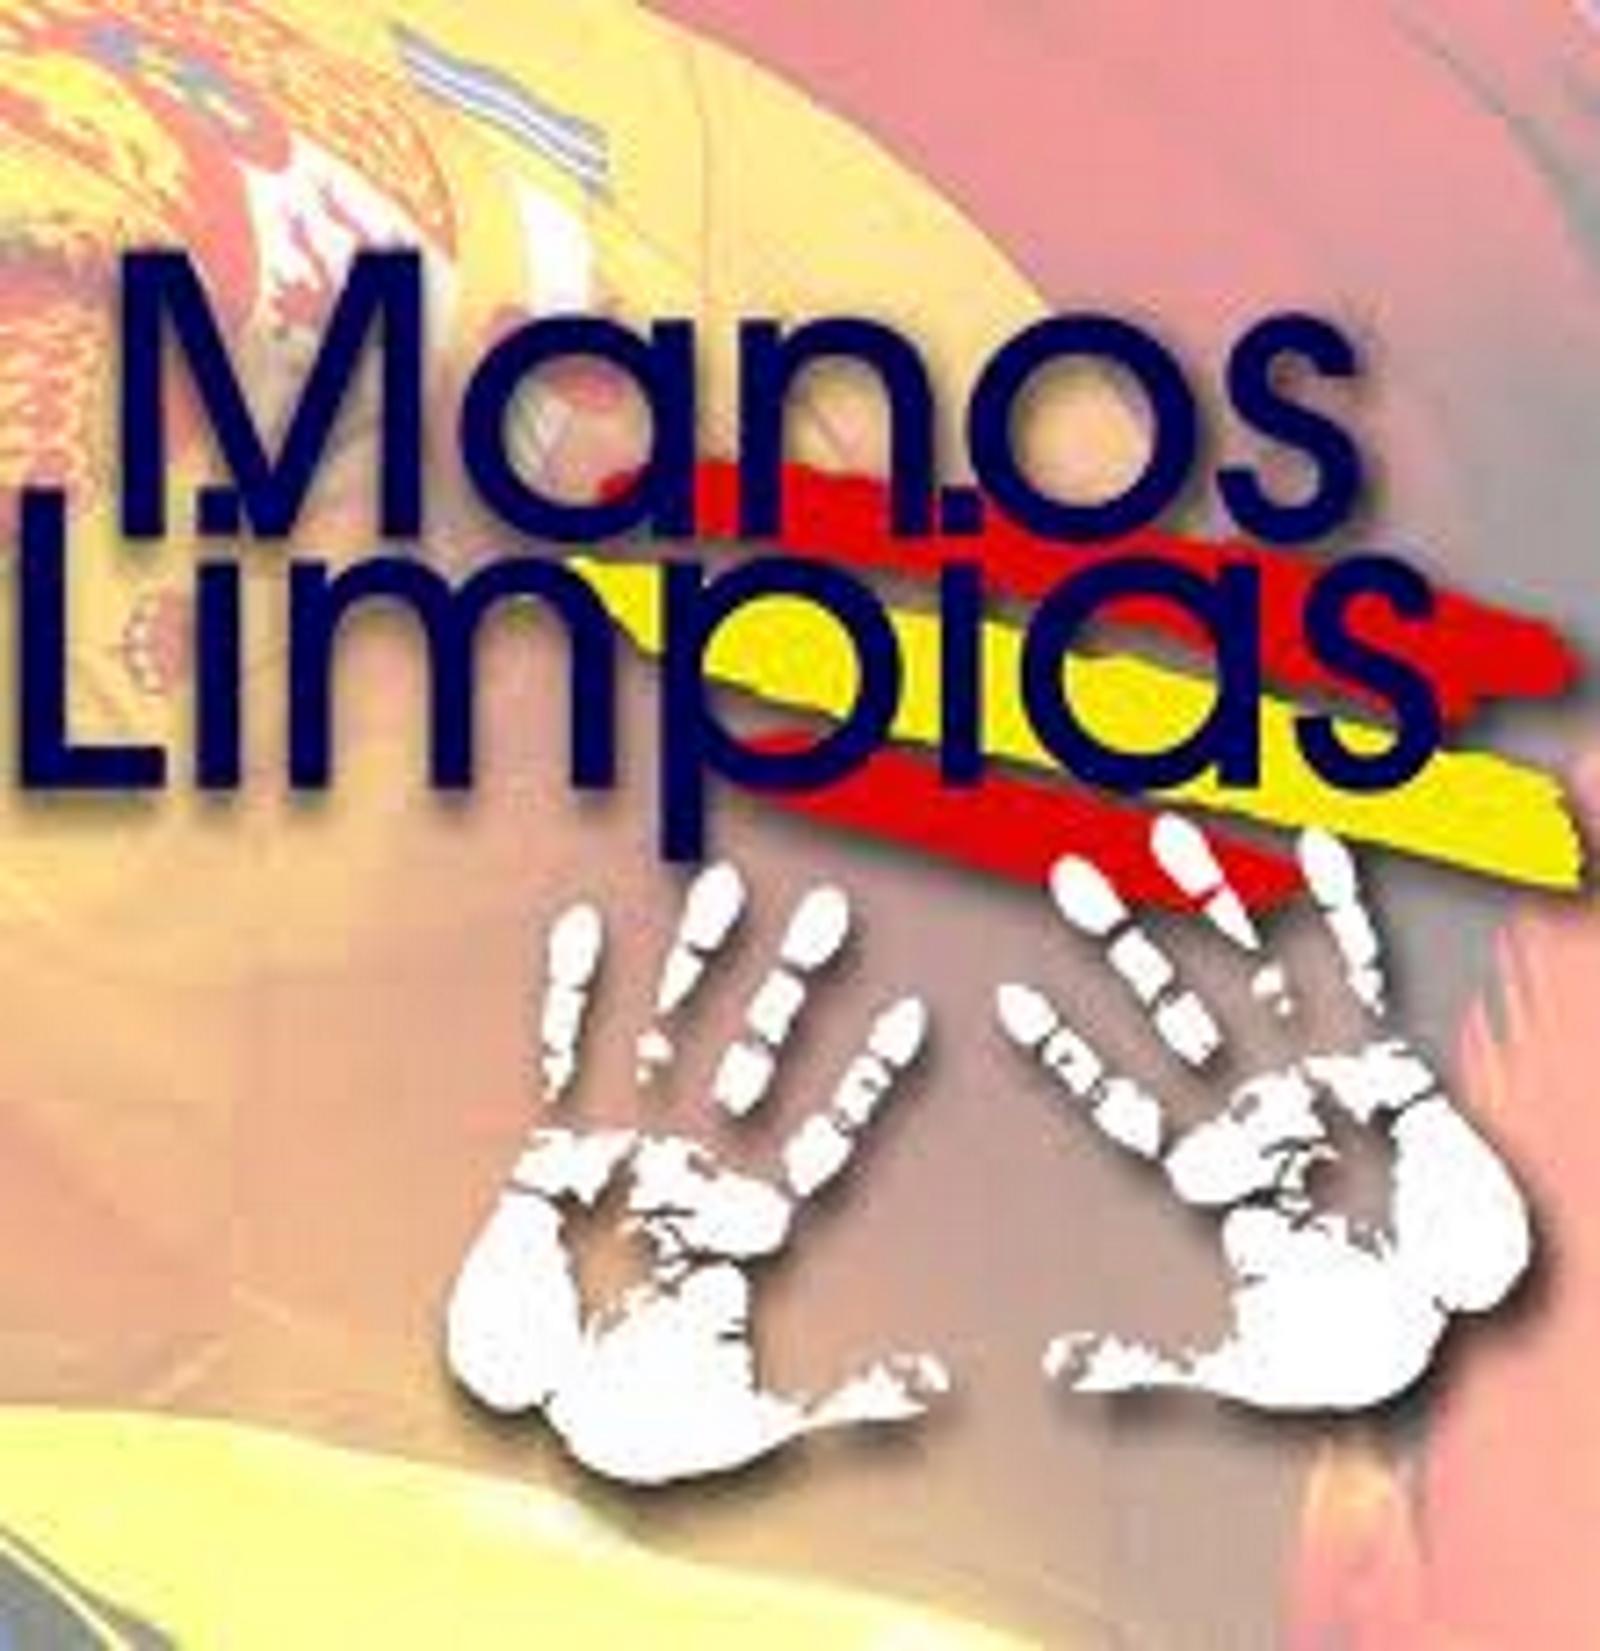 """Manos Limpias pasa la noche en la comisaria """"por intento"""" dicen y el clan Pujol está en libertad"""